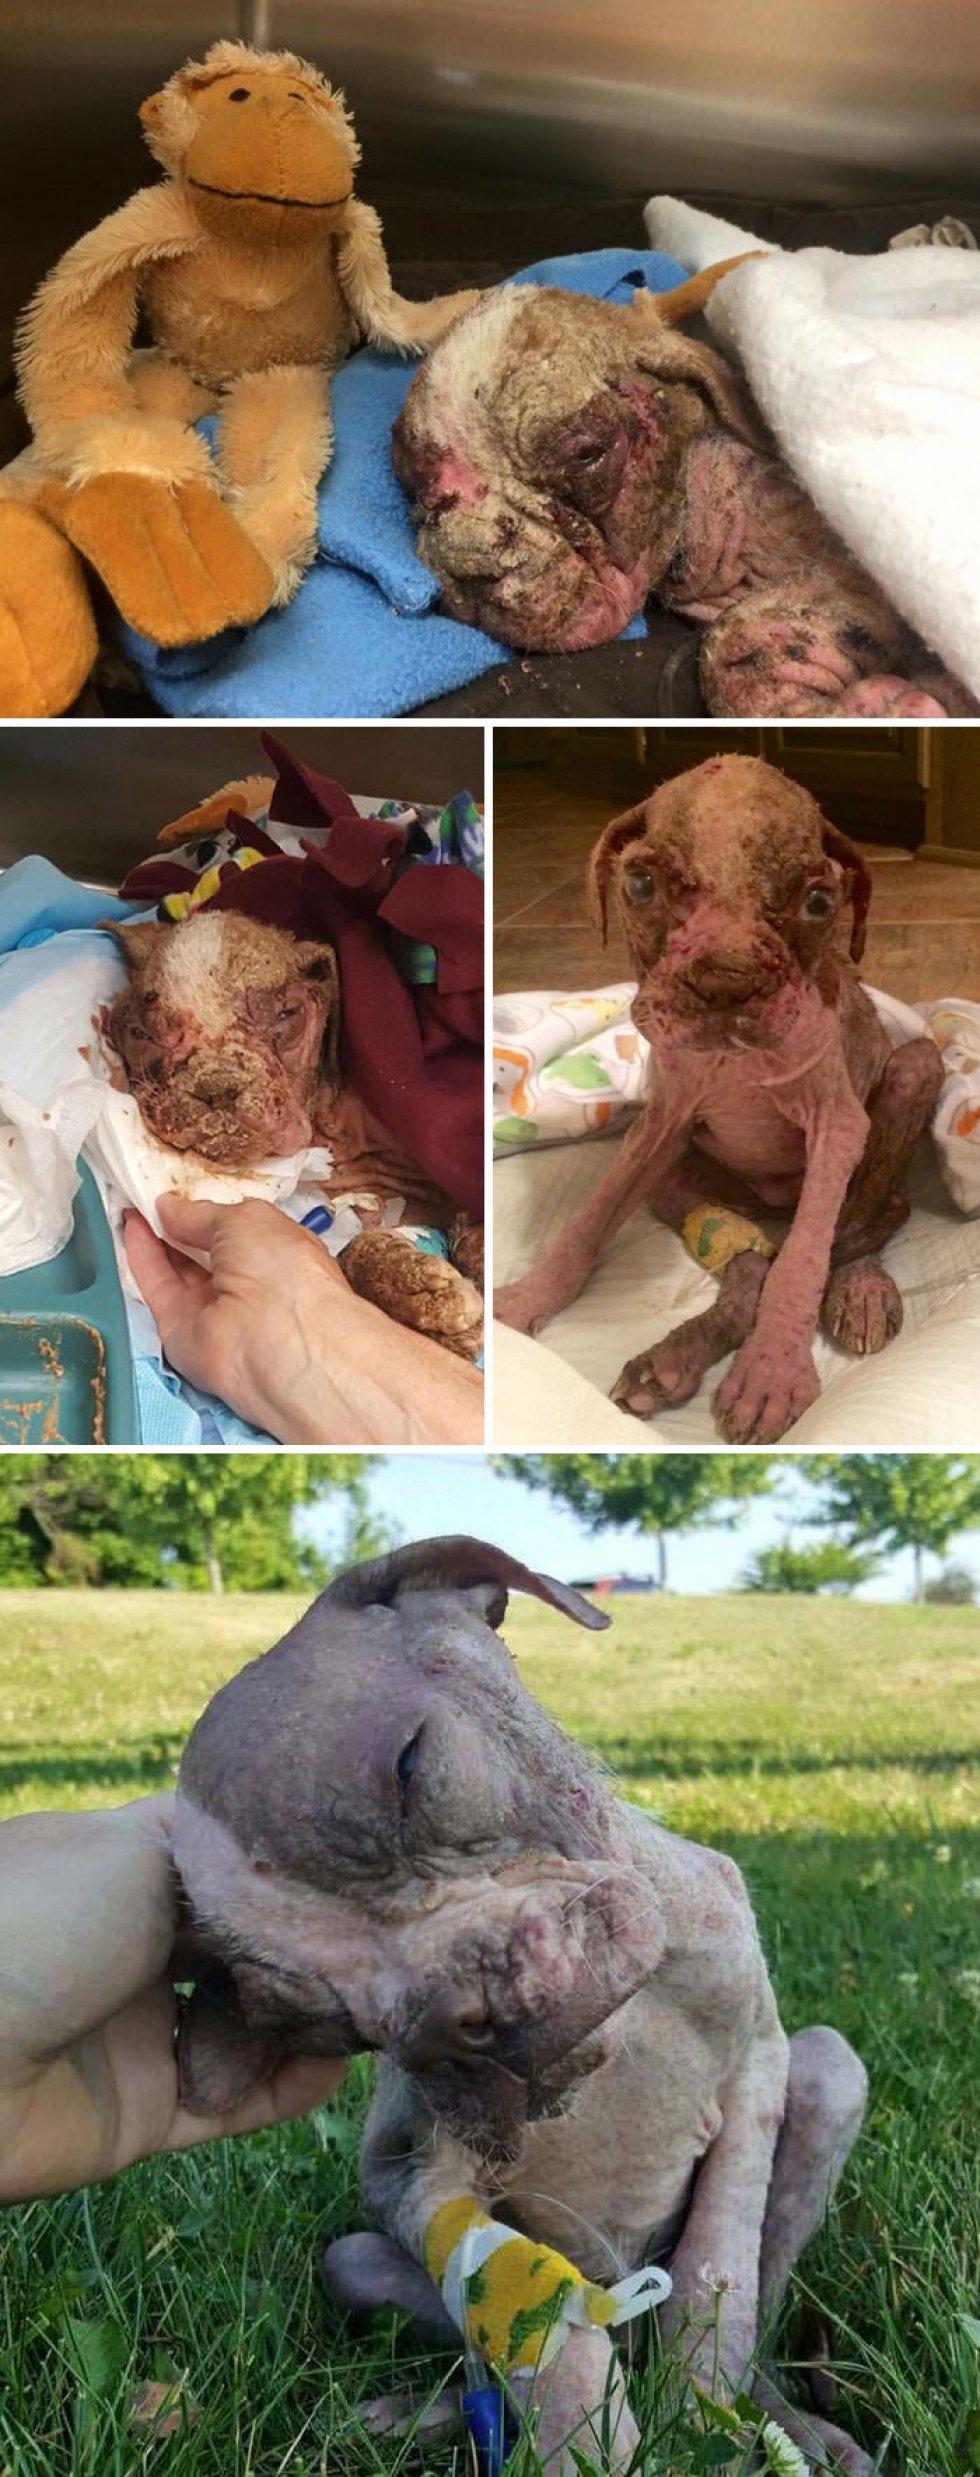 Estaba demacrado, deshidratado  e infestado de parásitos, fue salvado por el Hospital Veterinario de Pensilvania